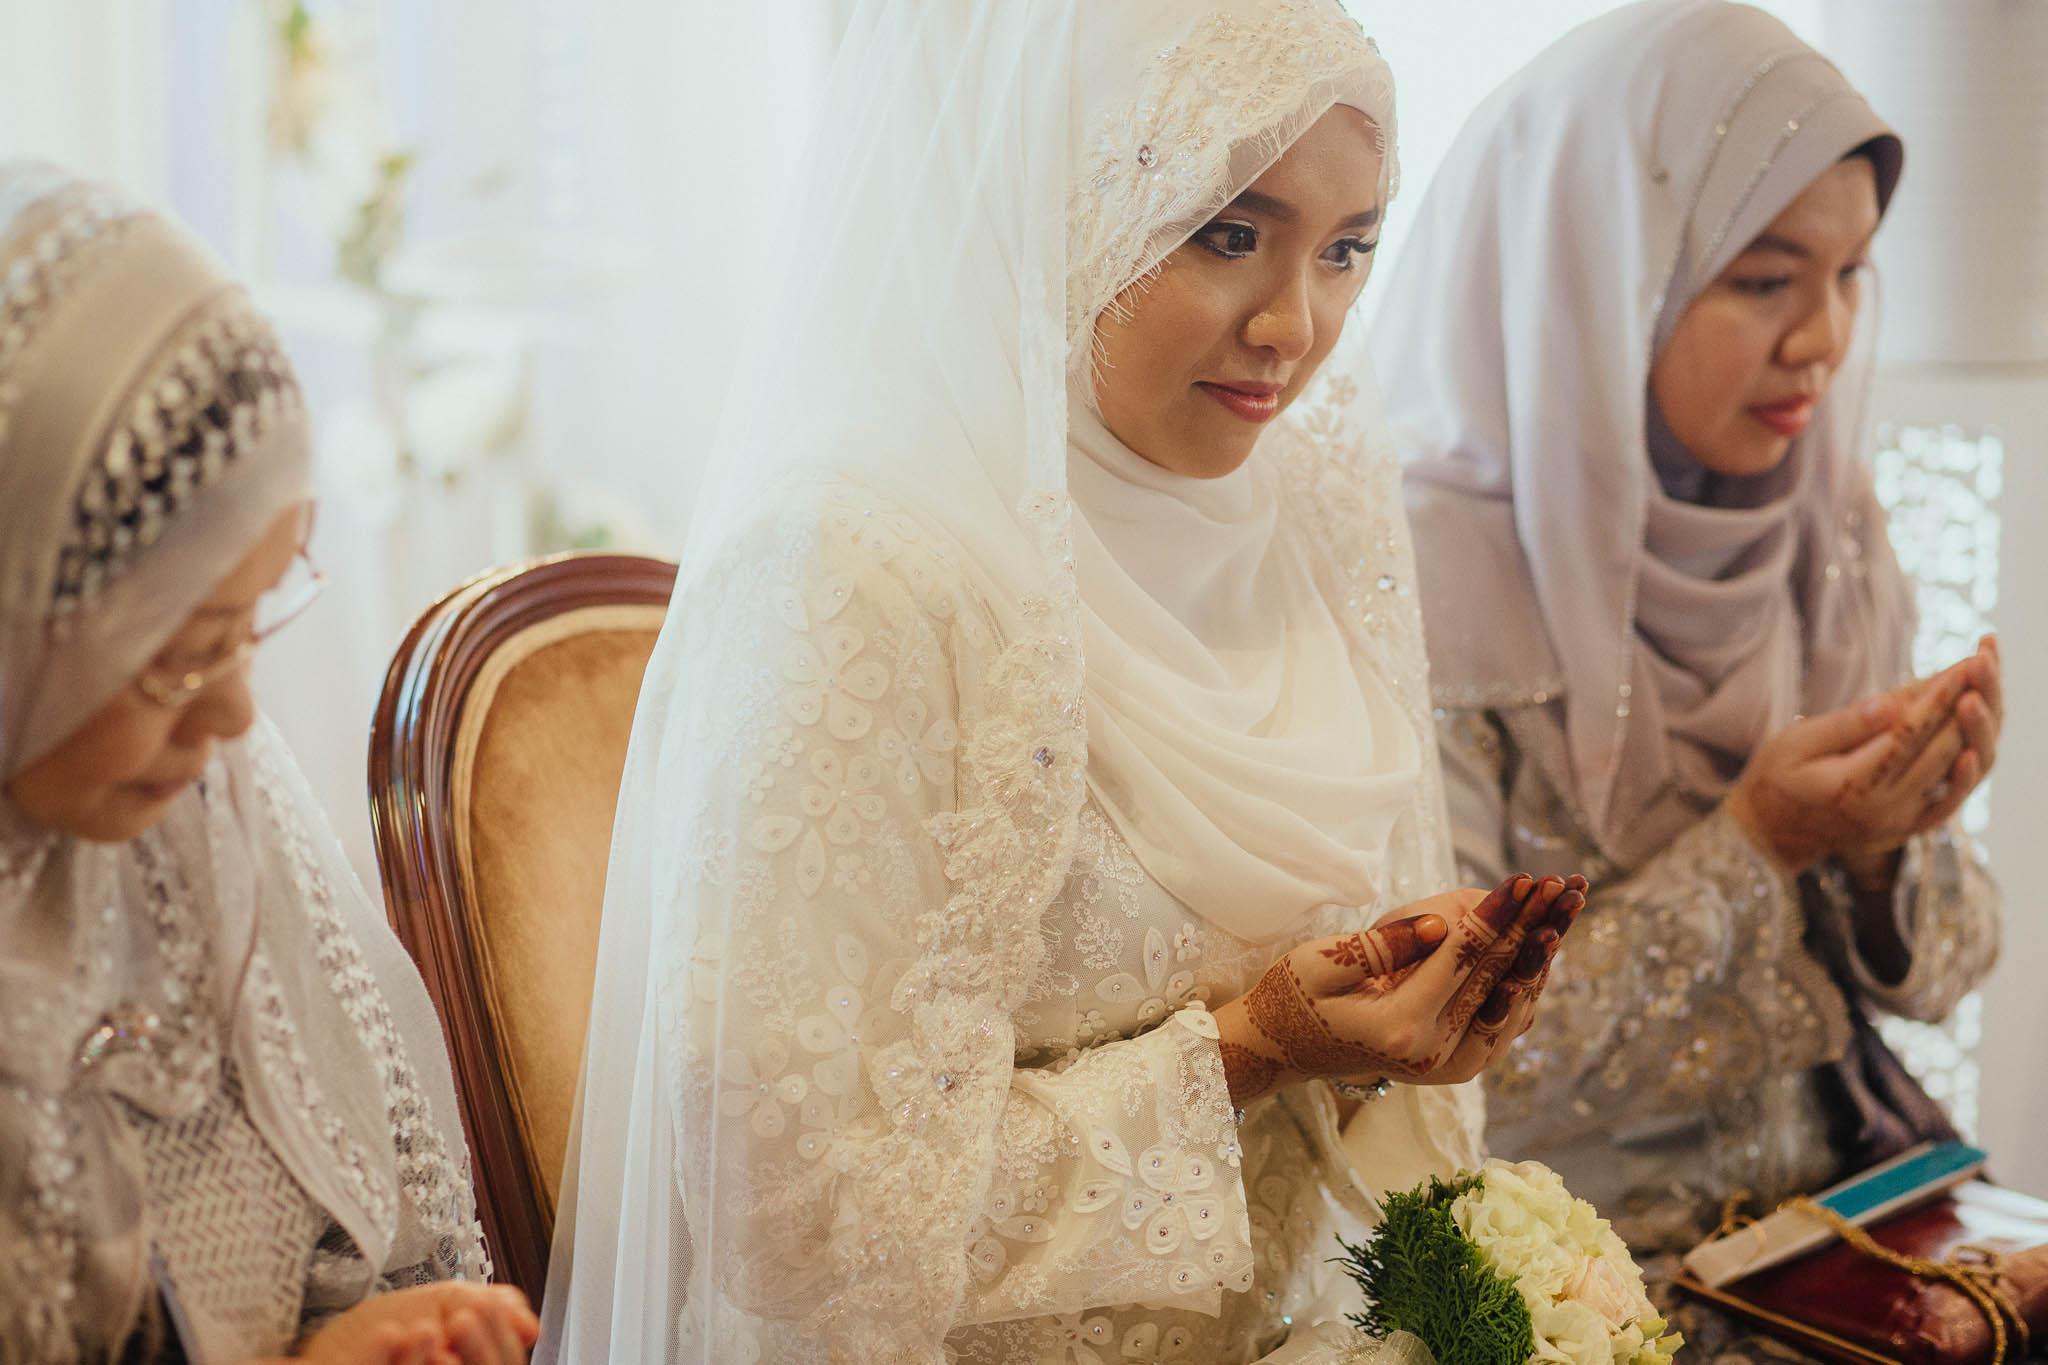 singapore-wedding-photographer-travel-wemadethese-atara-hafizah-22.jpg